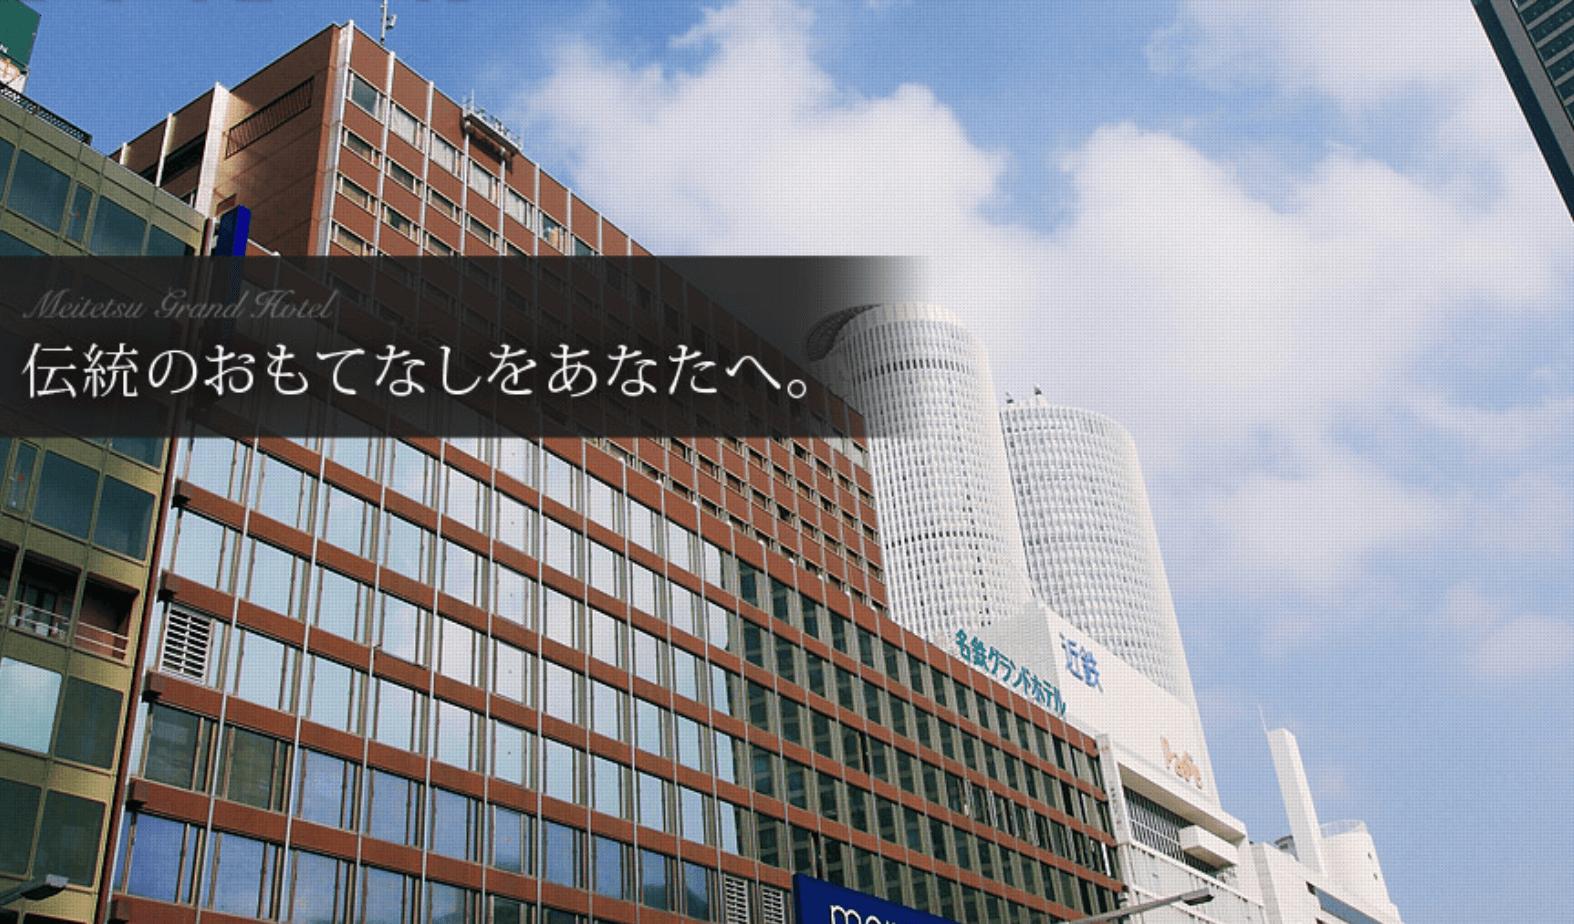 名古屋でパパ活におすすめなホテル「名鉄グランドホテル」